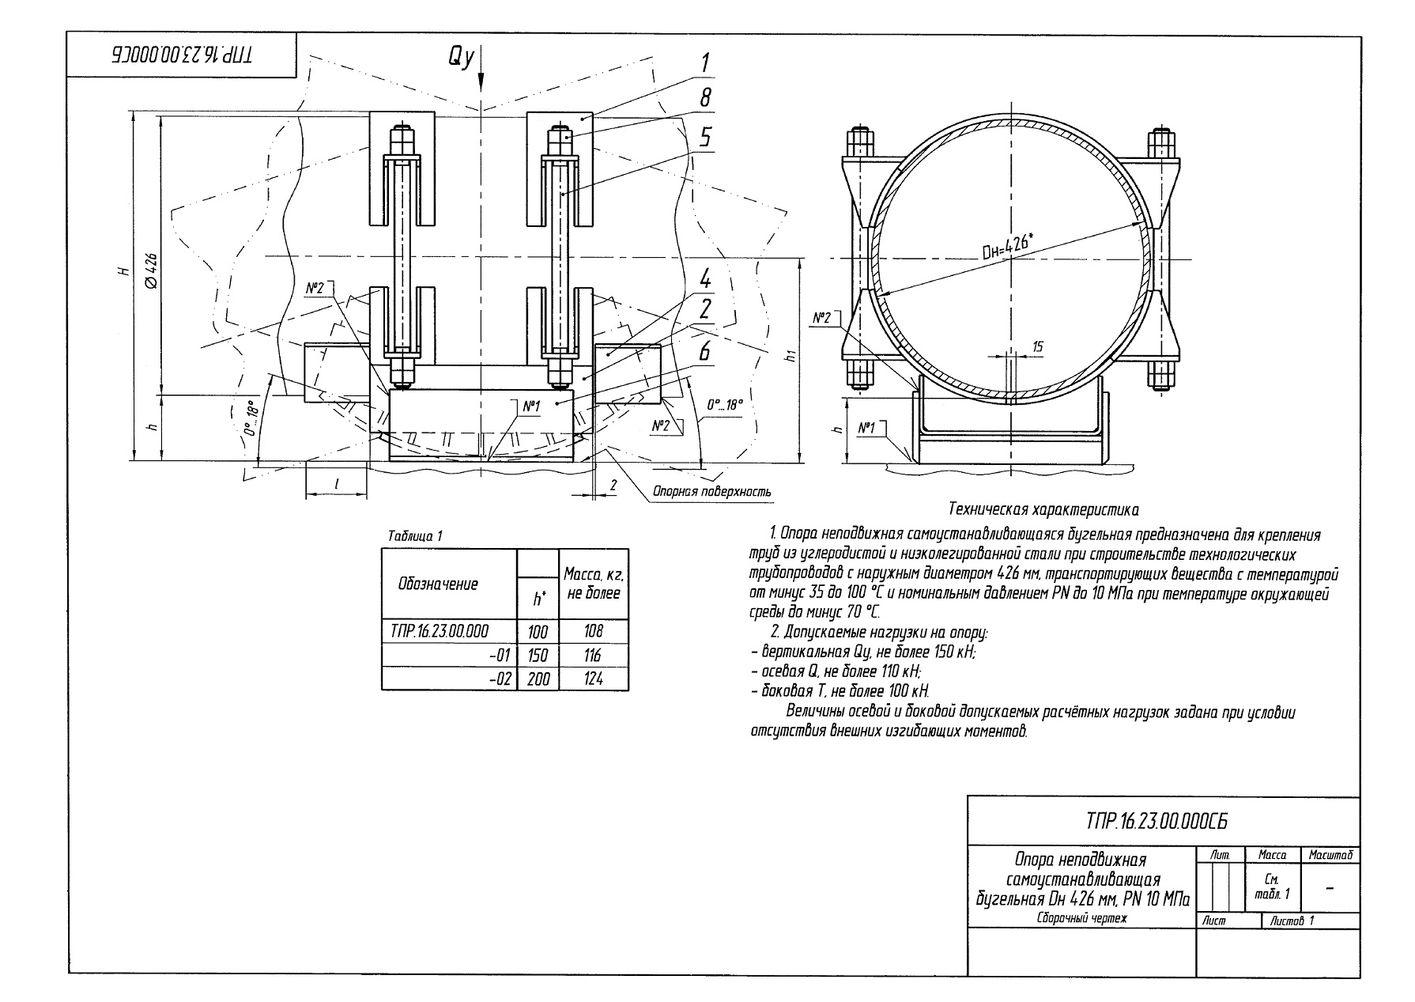 ТПР.16.23.00.000 Опоры неподвижные самоустанавливающиеся бугельные трубопроводов Дн 426 мм